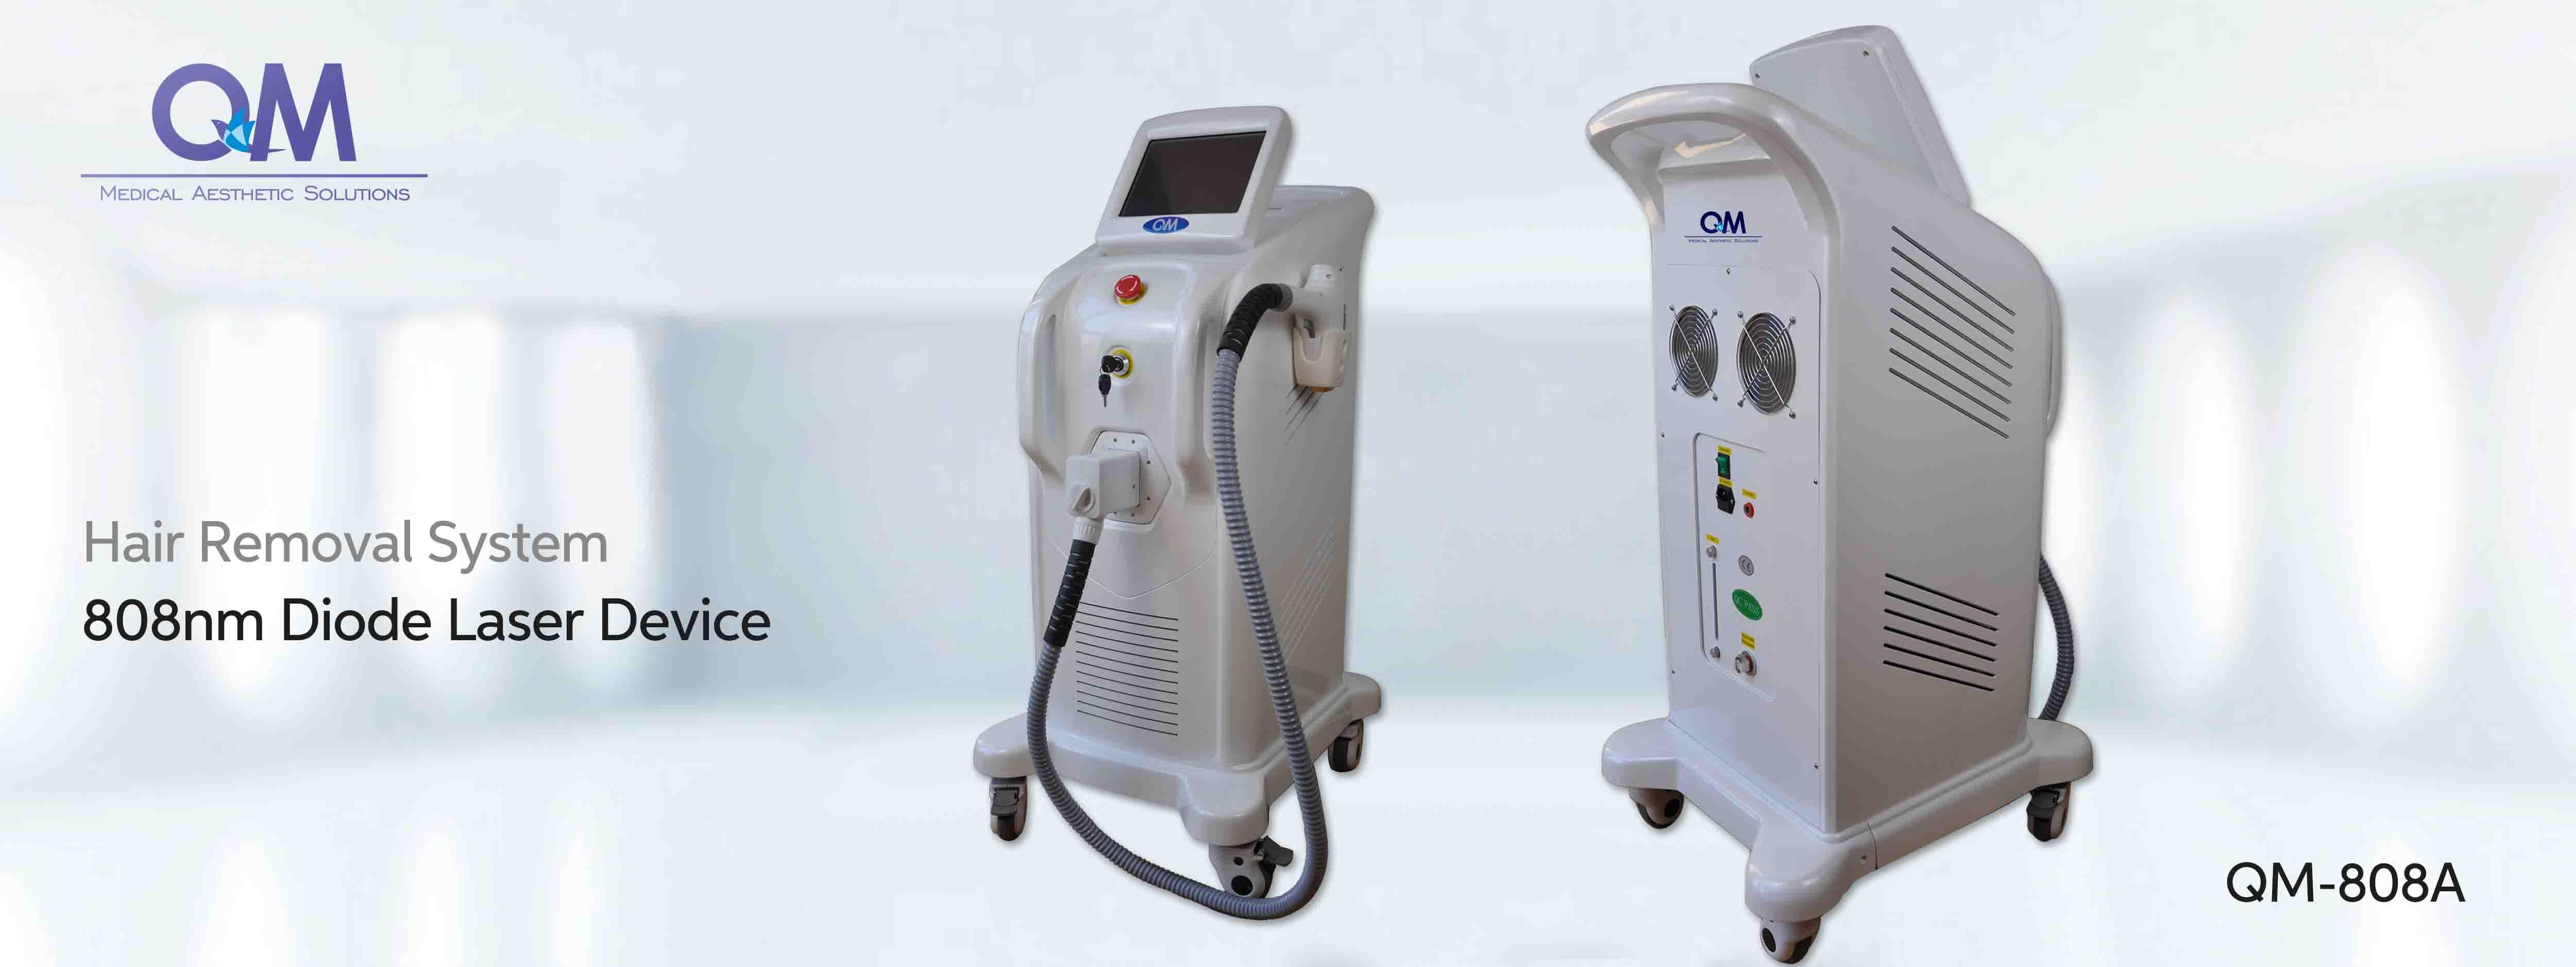 QM-808A